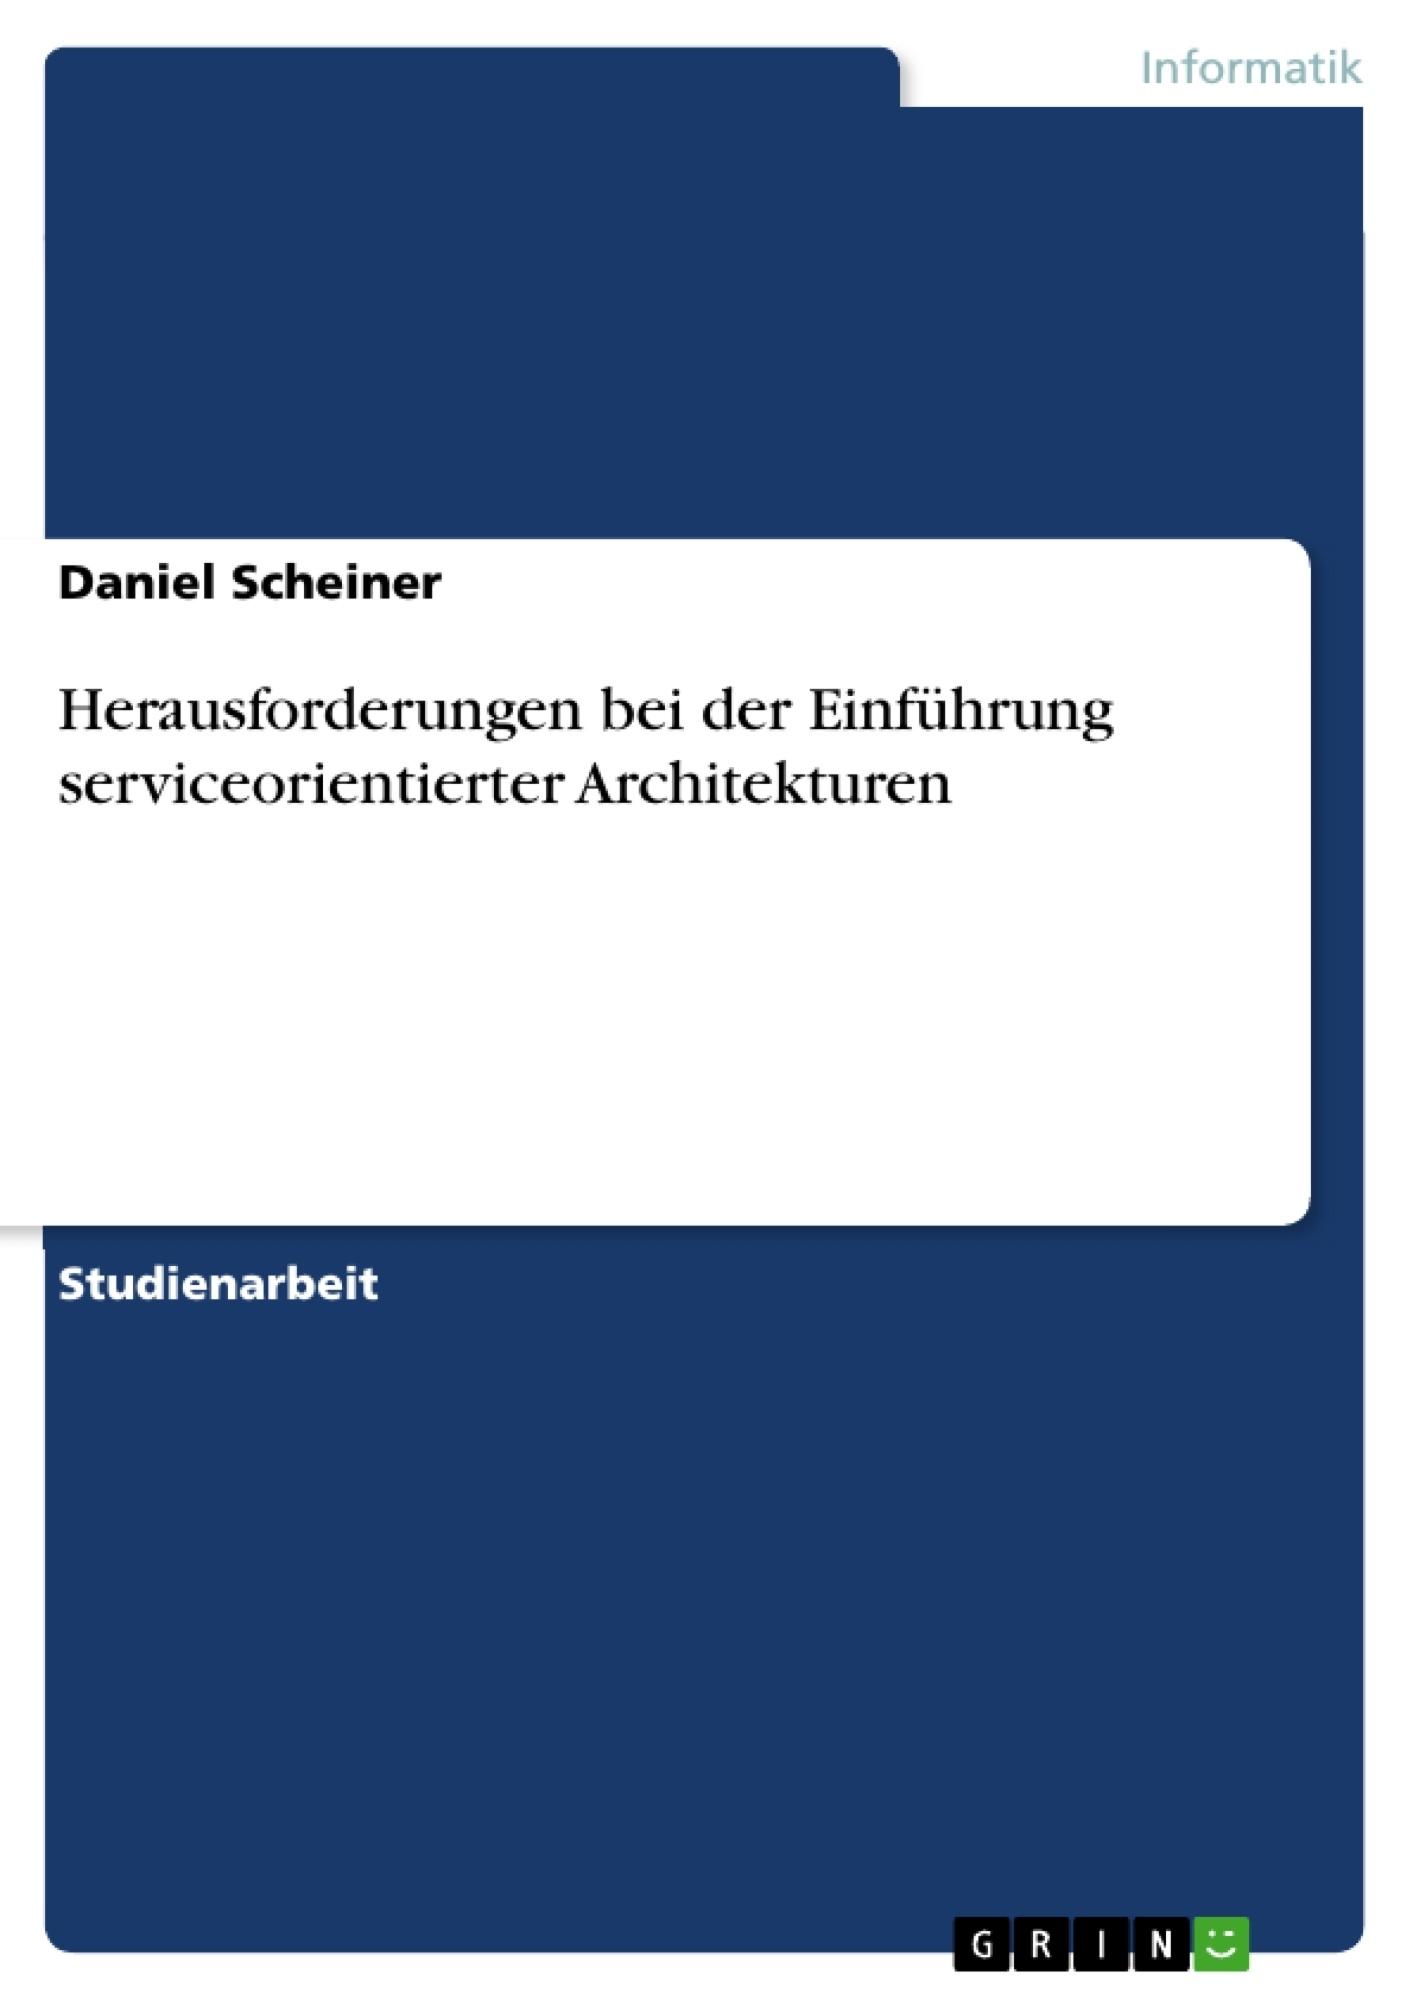 Titel: Herausforderungen bei der Einführung serviceorientierter Architekturen